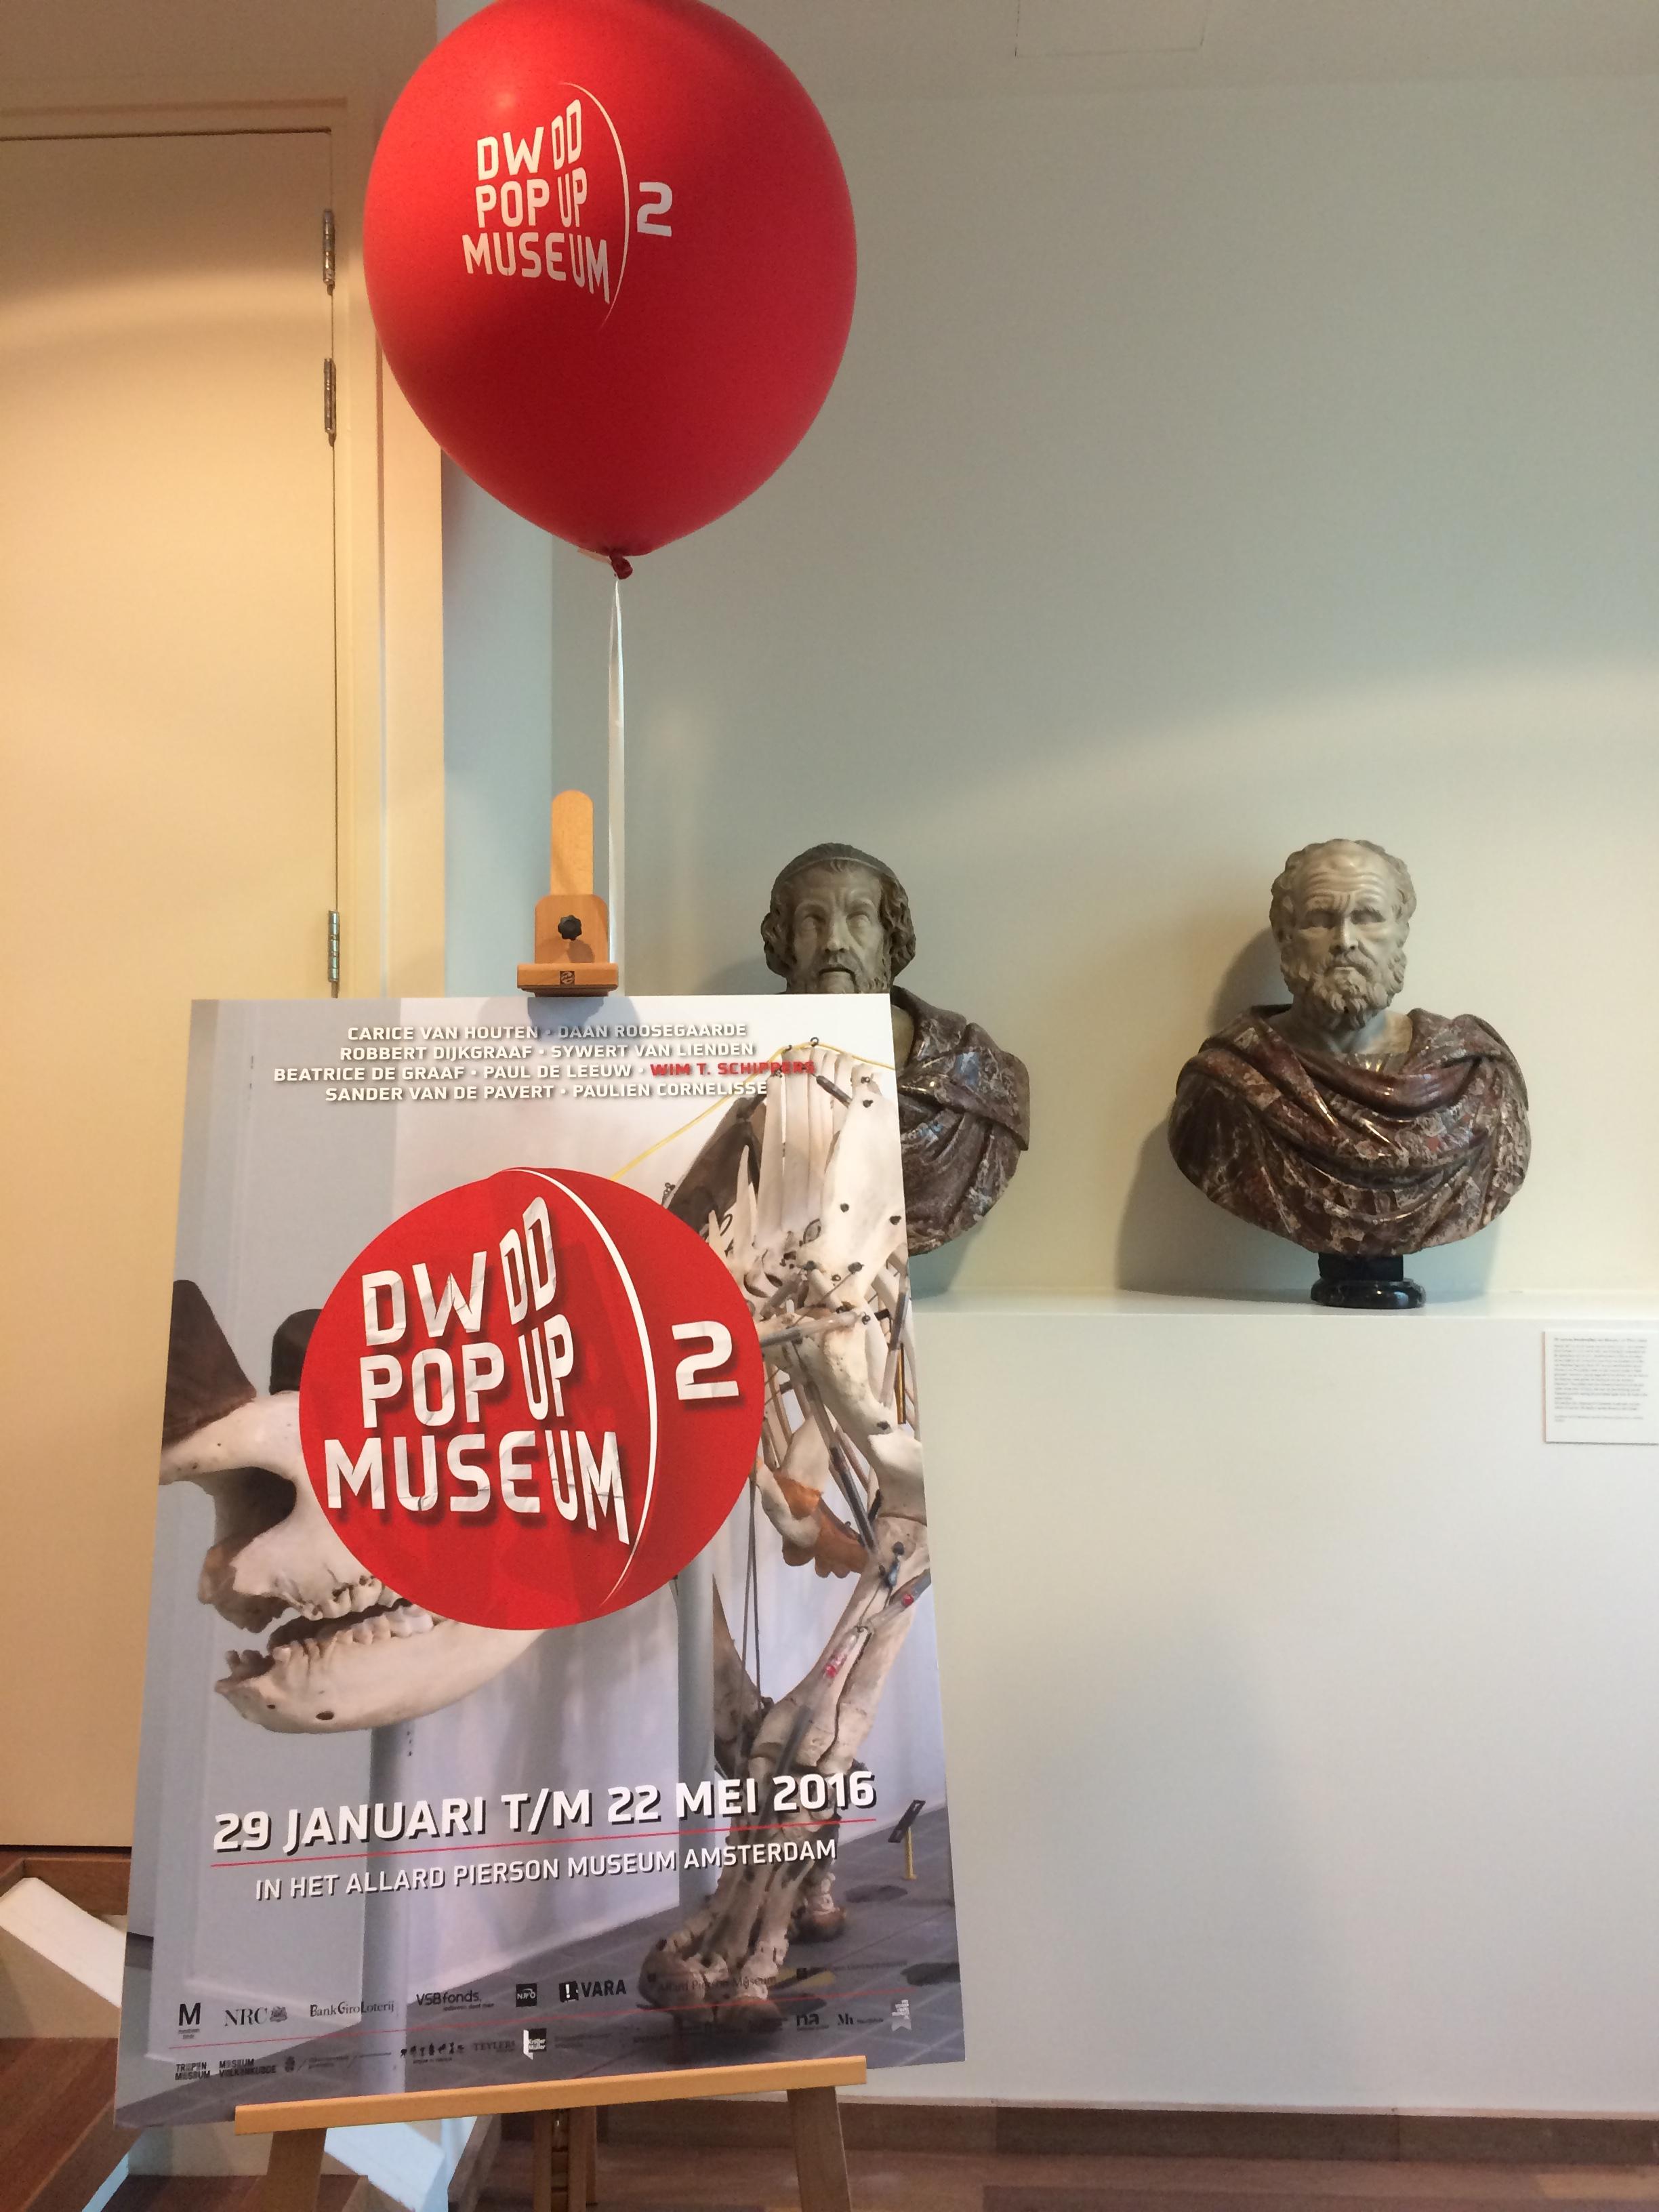 DWDD Pop Up Museum 2